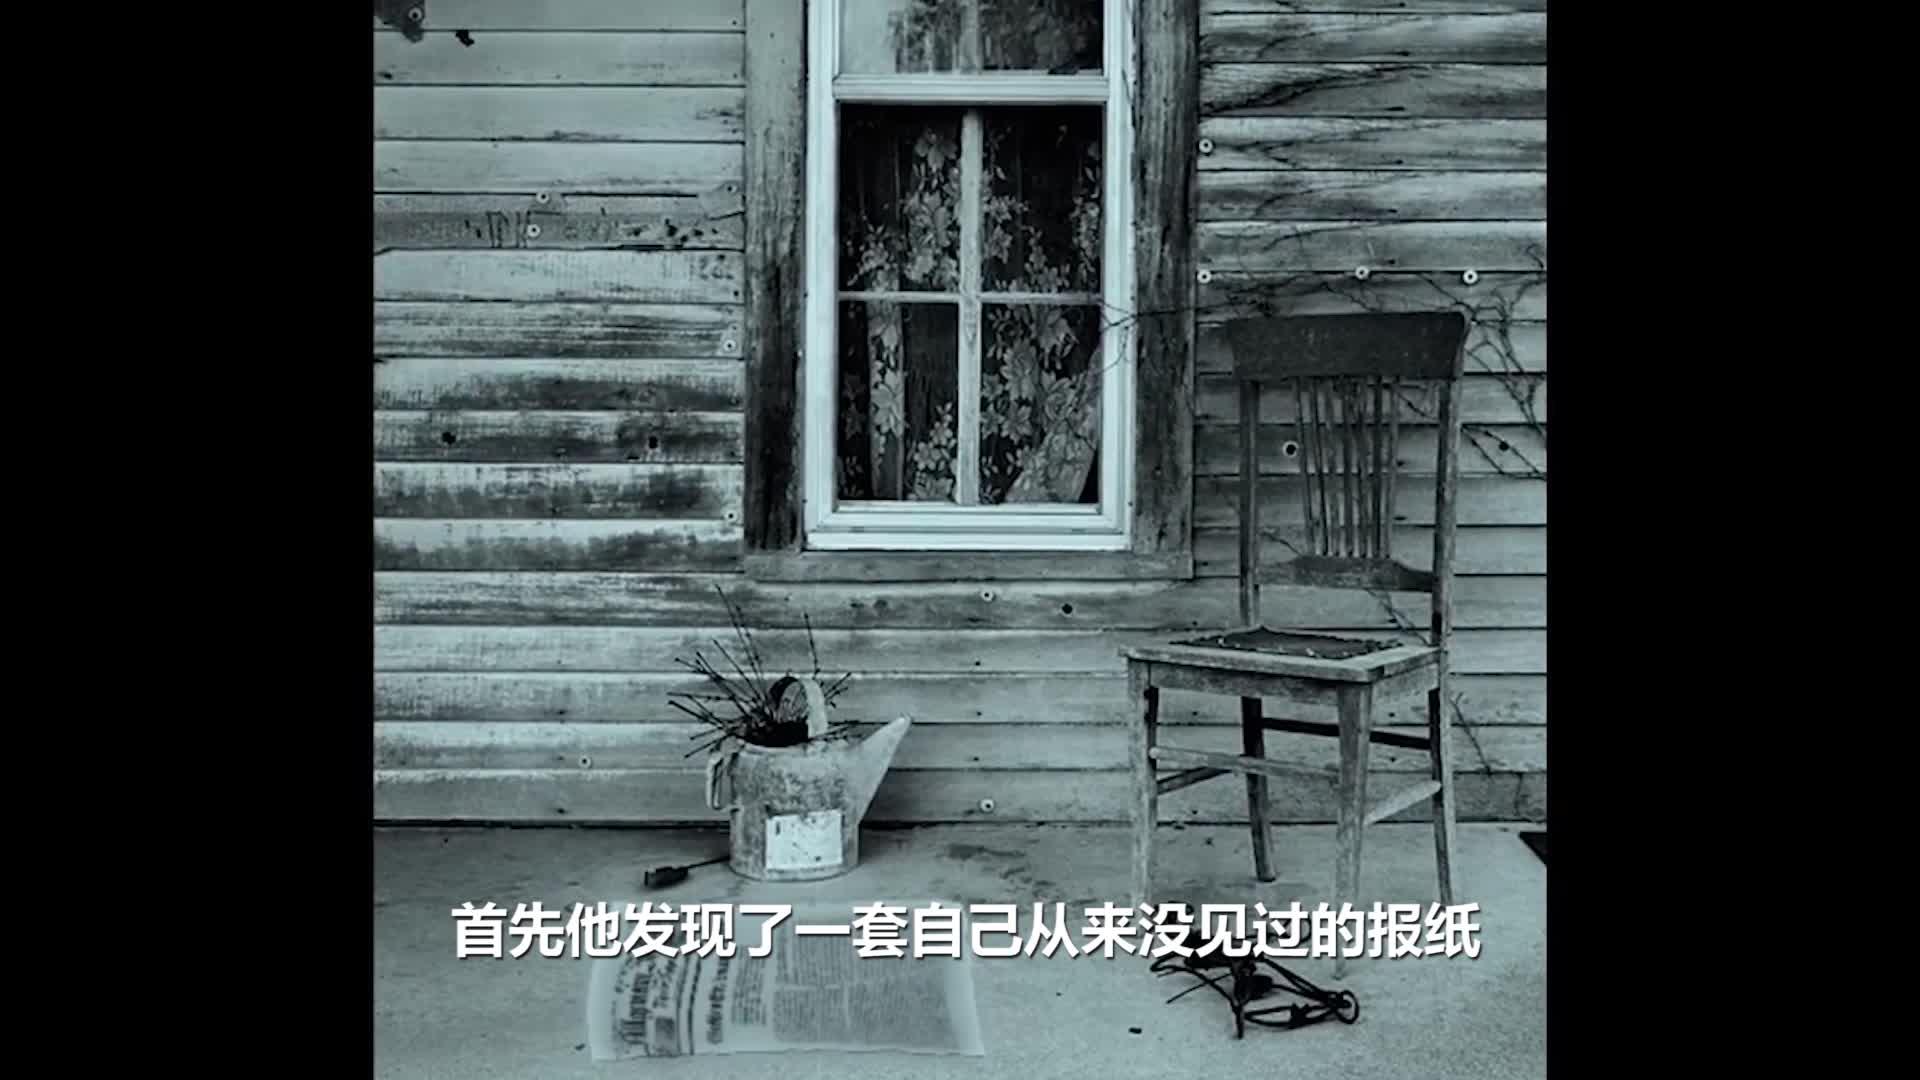 Big笑工坊-唐唐说奇案:史上最诡异凶杀案!百年过去凶手仍未找到!